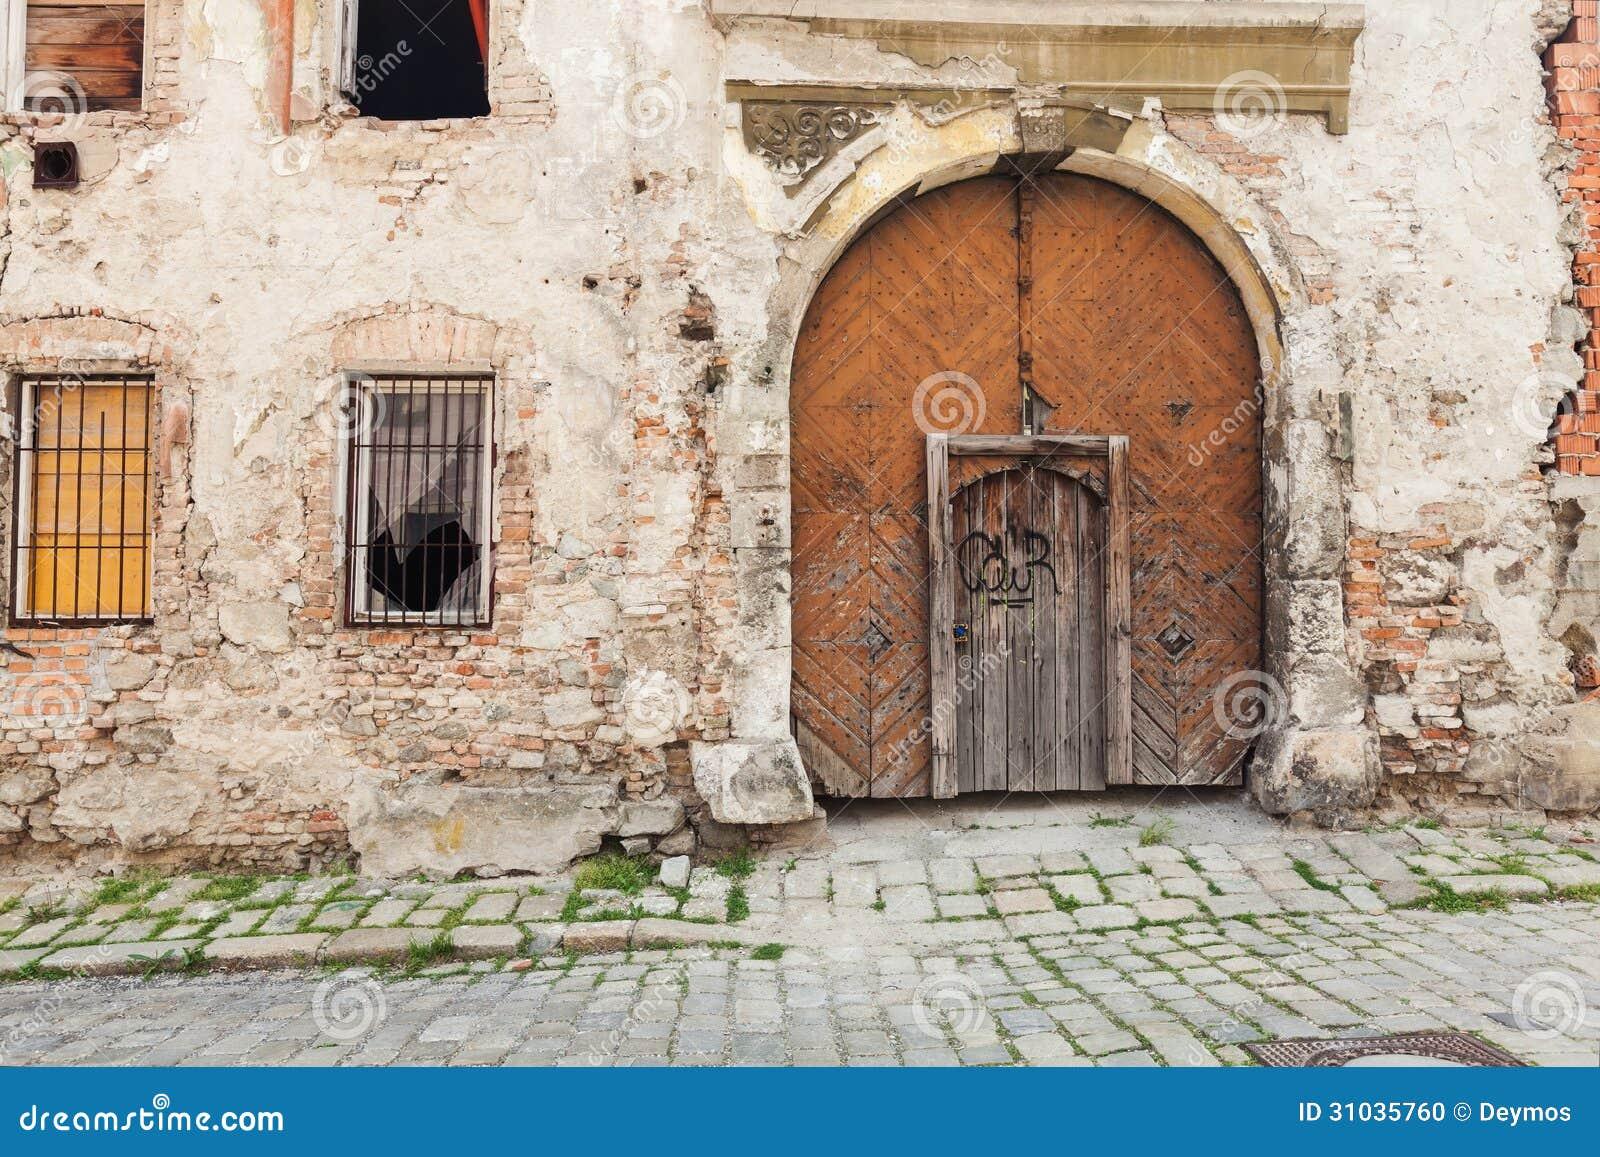 Vecchie porte di legno appassite rustiche di brown for Rivestire porte vecchie